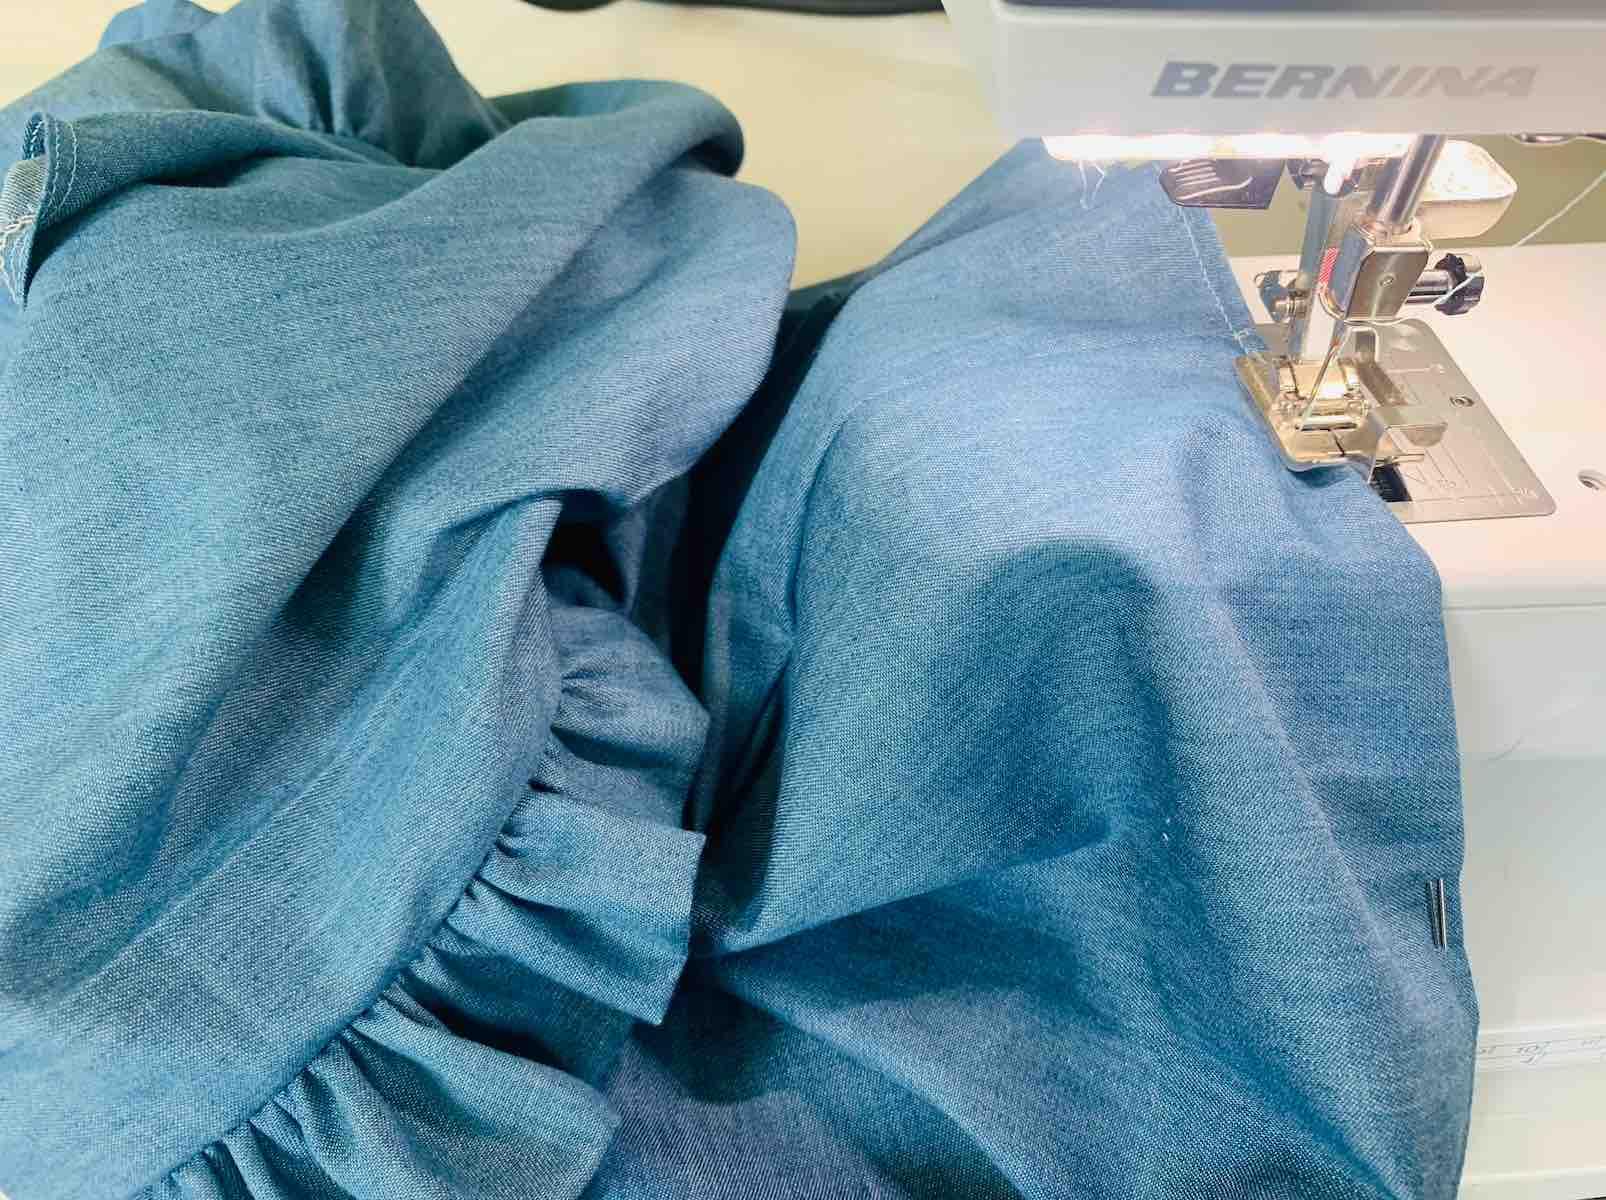 cucire l'orlo inferiore della camicetta